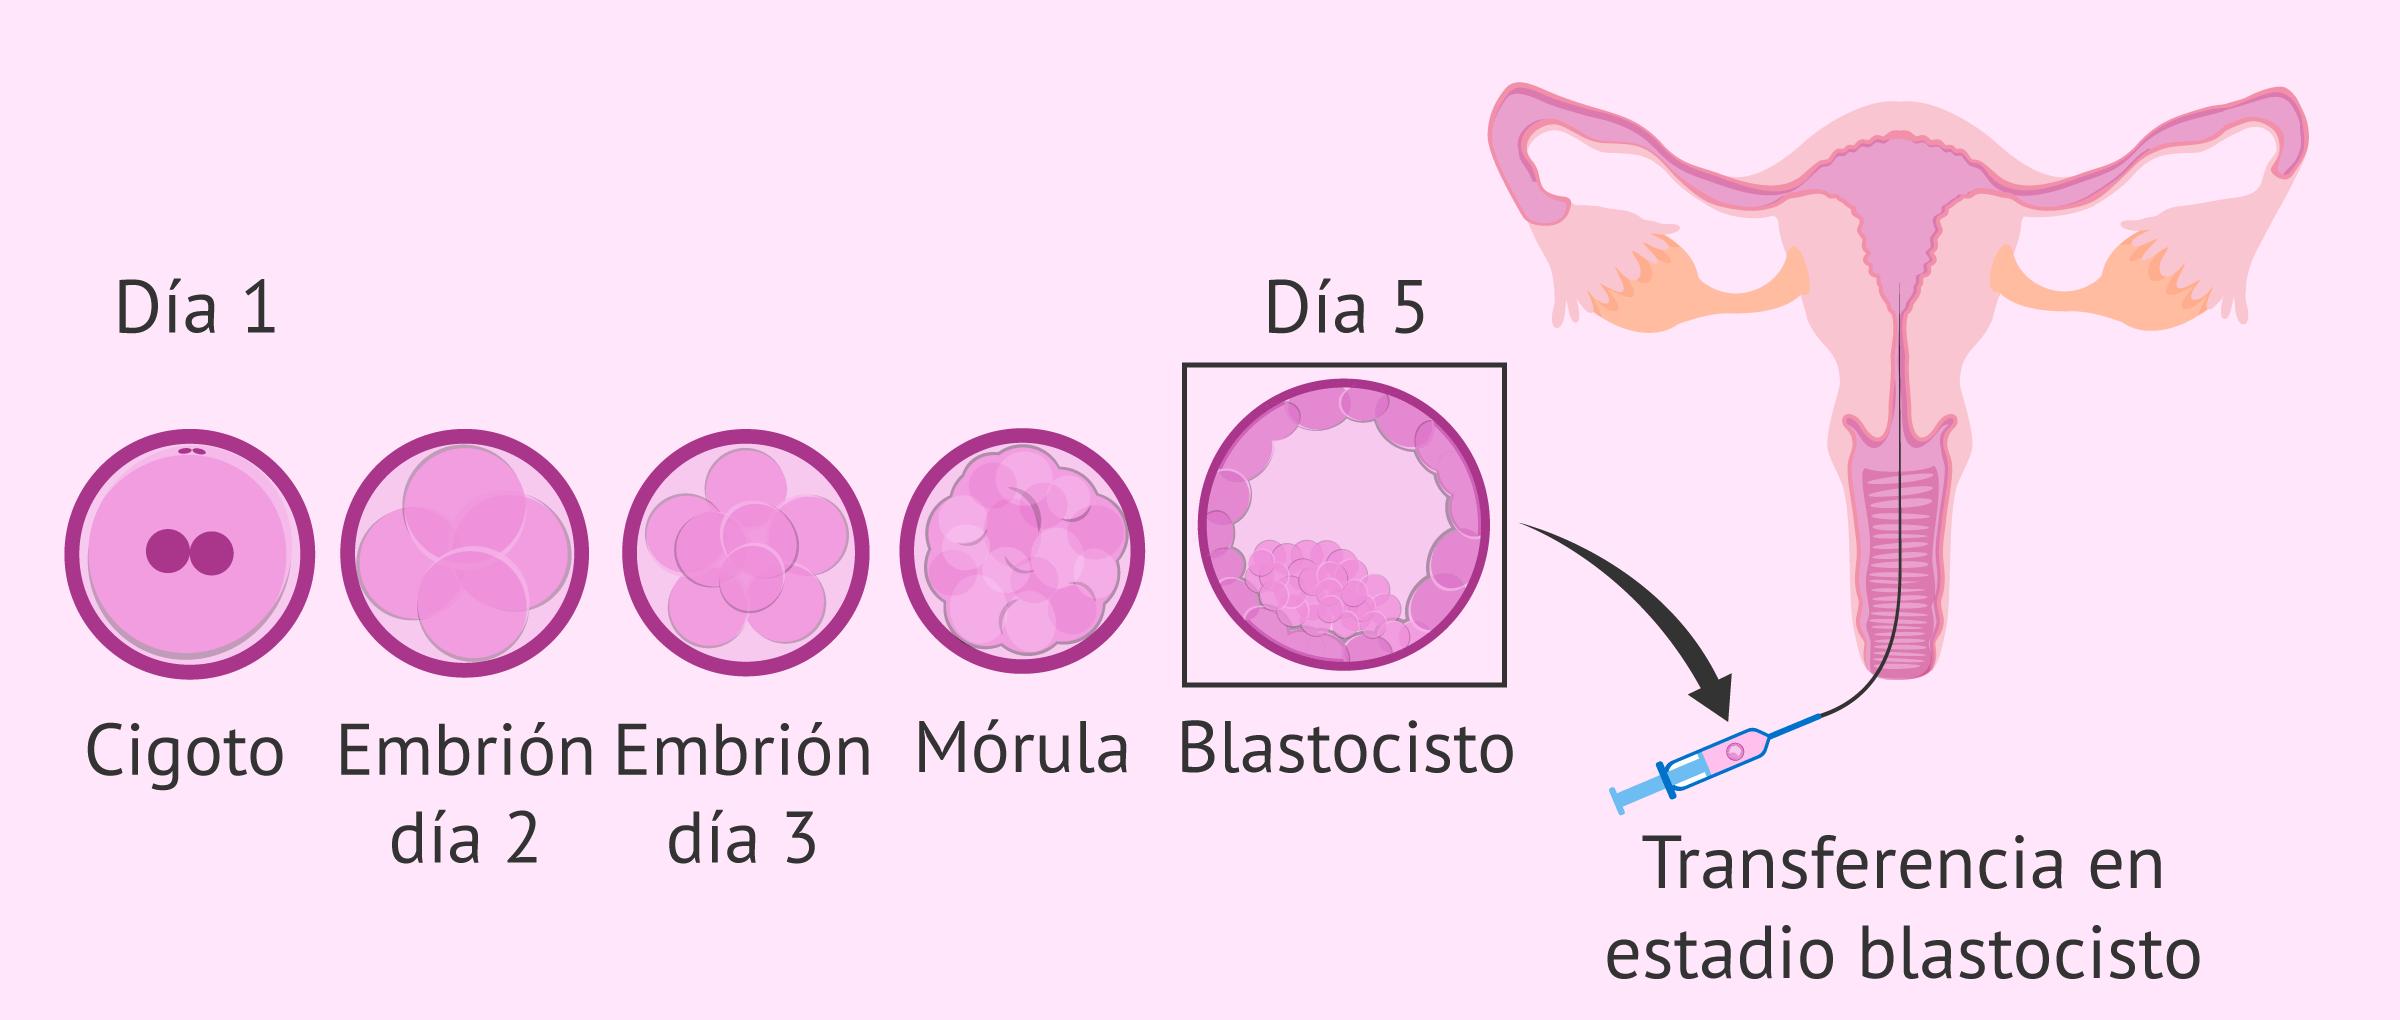 Cultivo secuencial para transferir blastocistos